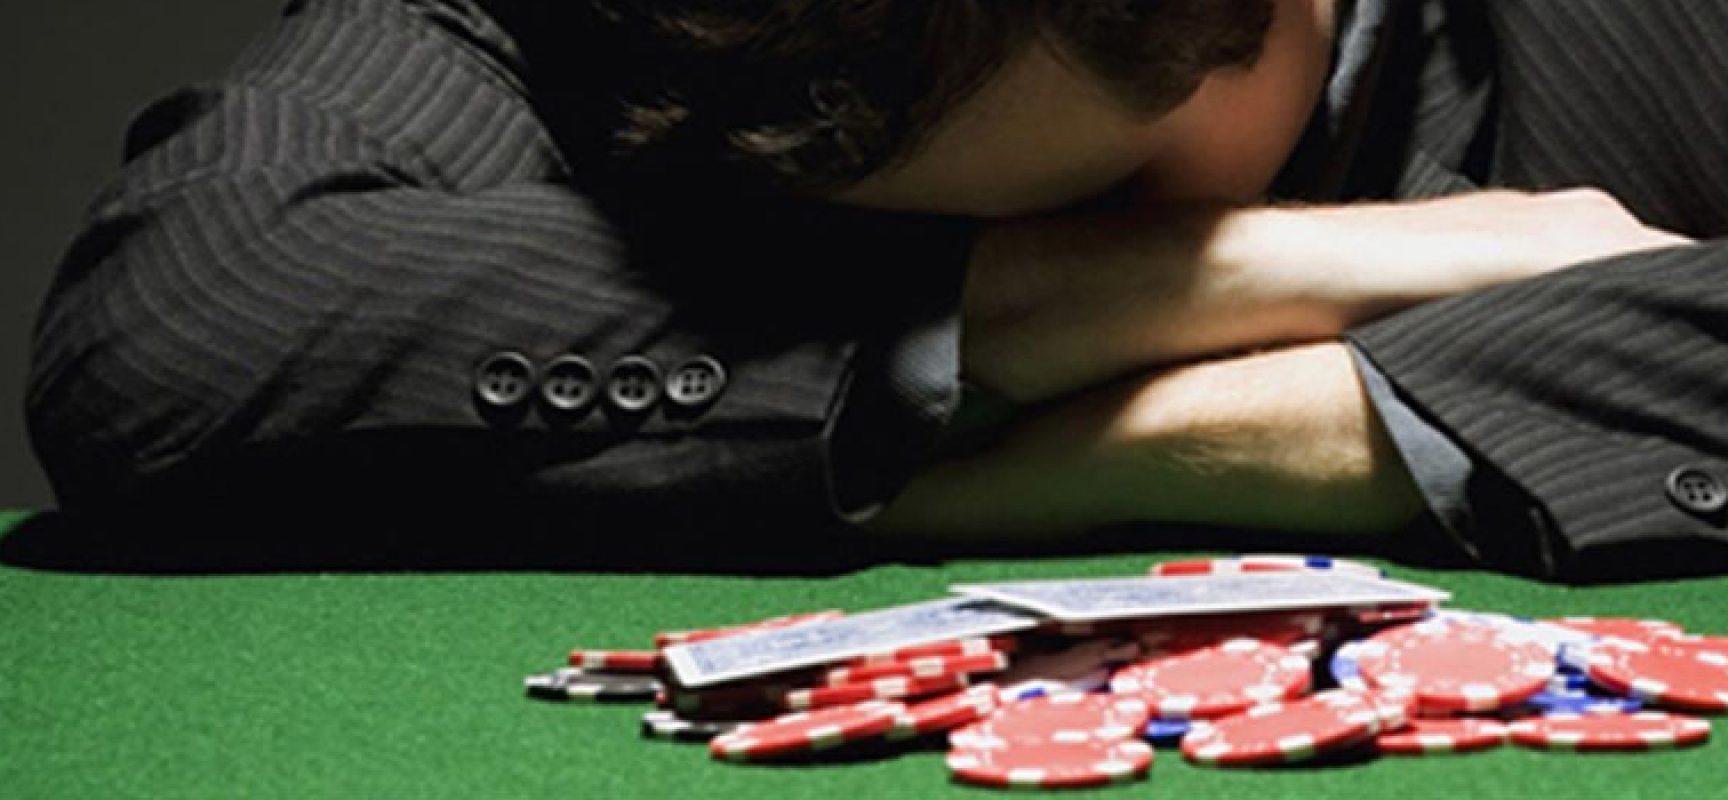 """""""La mossa vincente?"""", usura, racket e gioco d'azzardo: incontro all'Epass a cura di Associazione 21"""